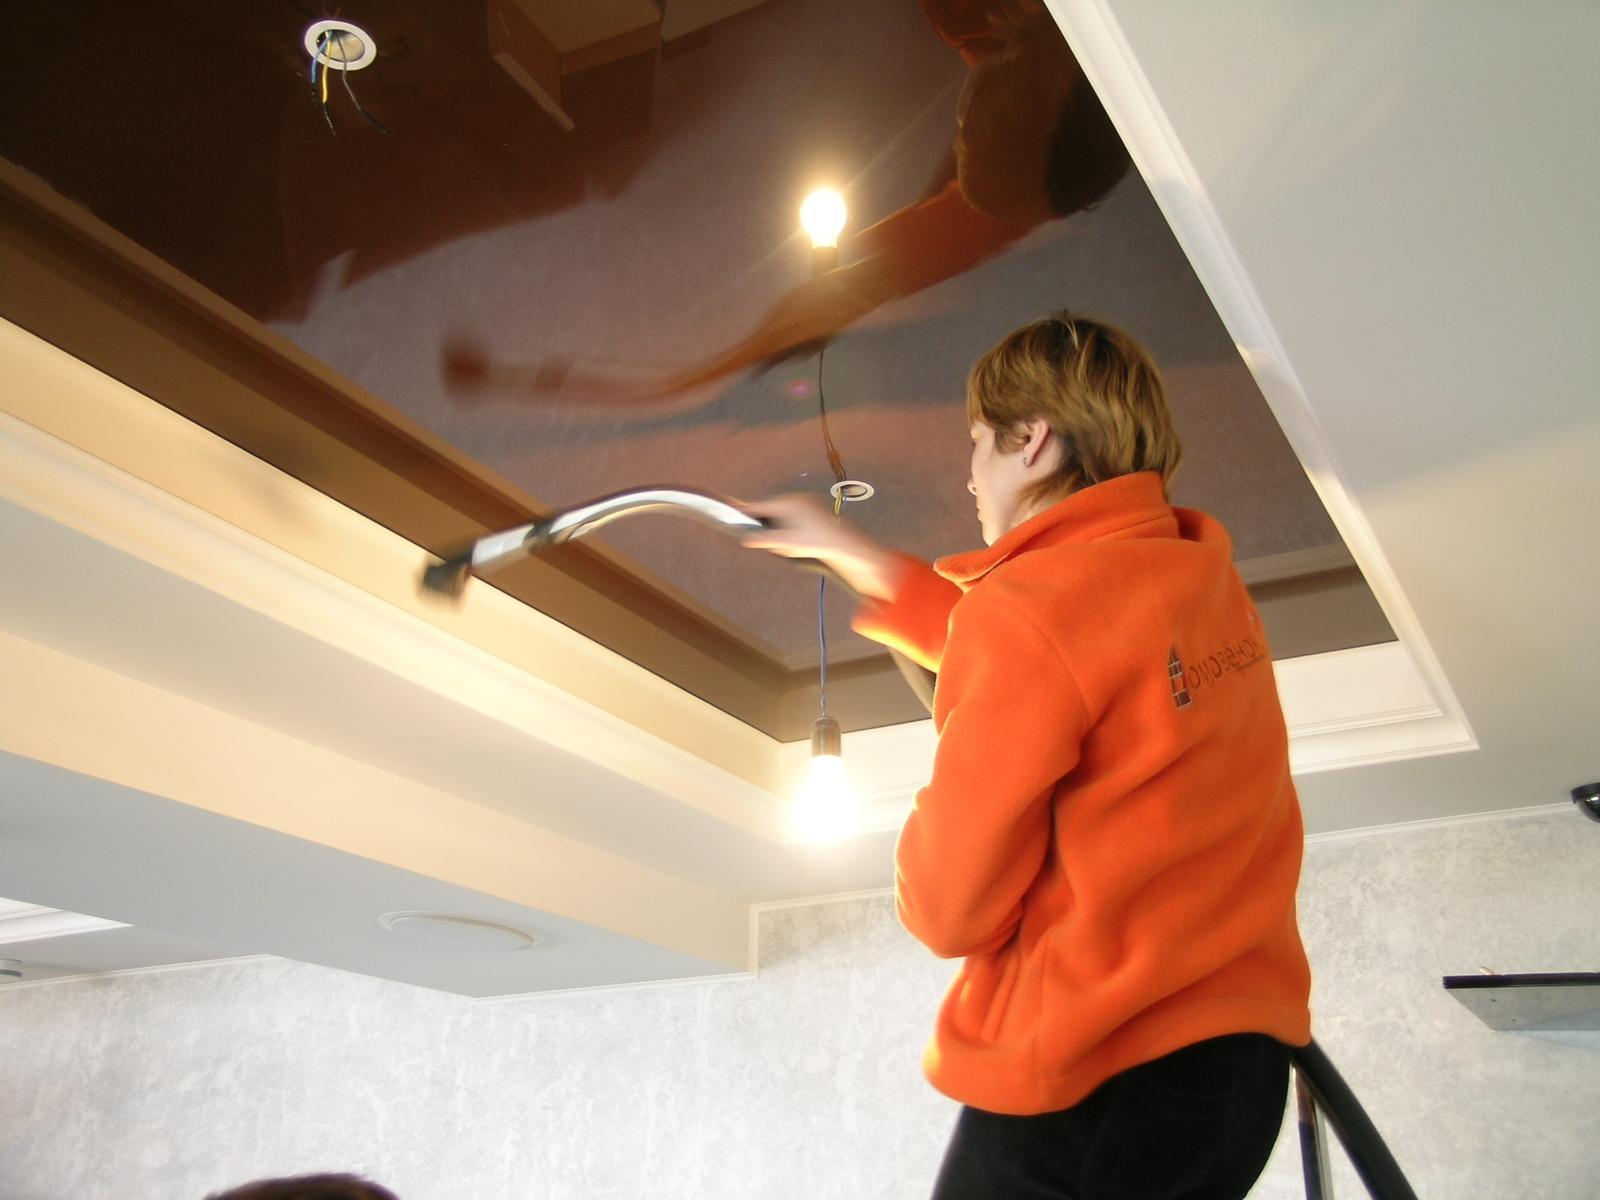 удаление пыли с натяжного потолка